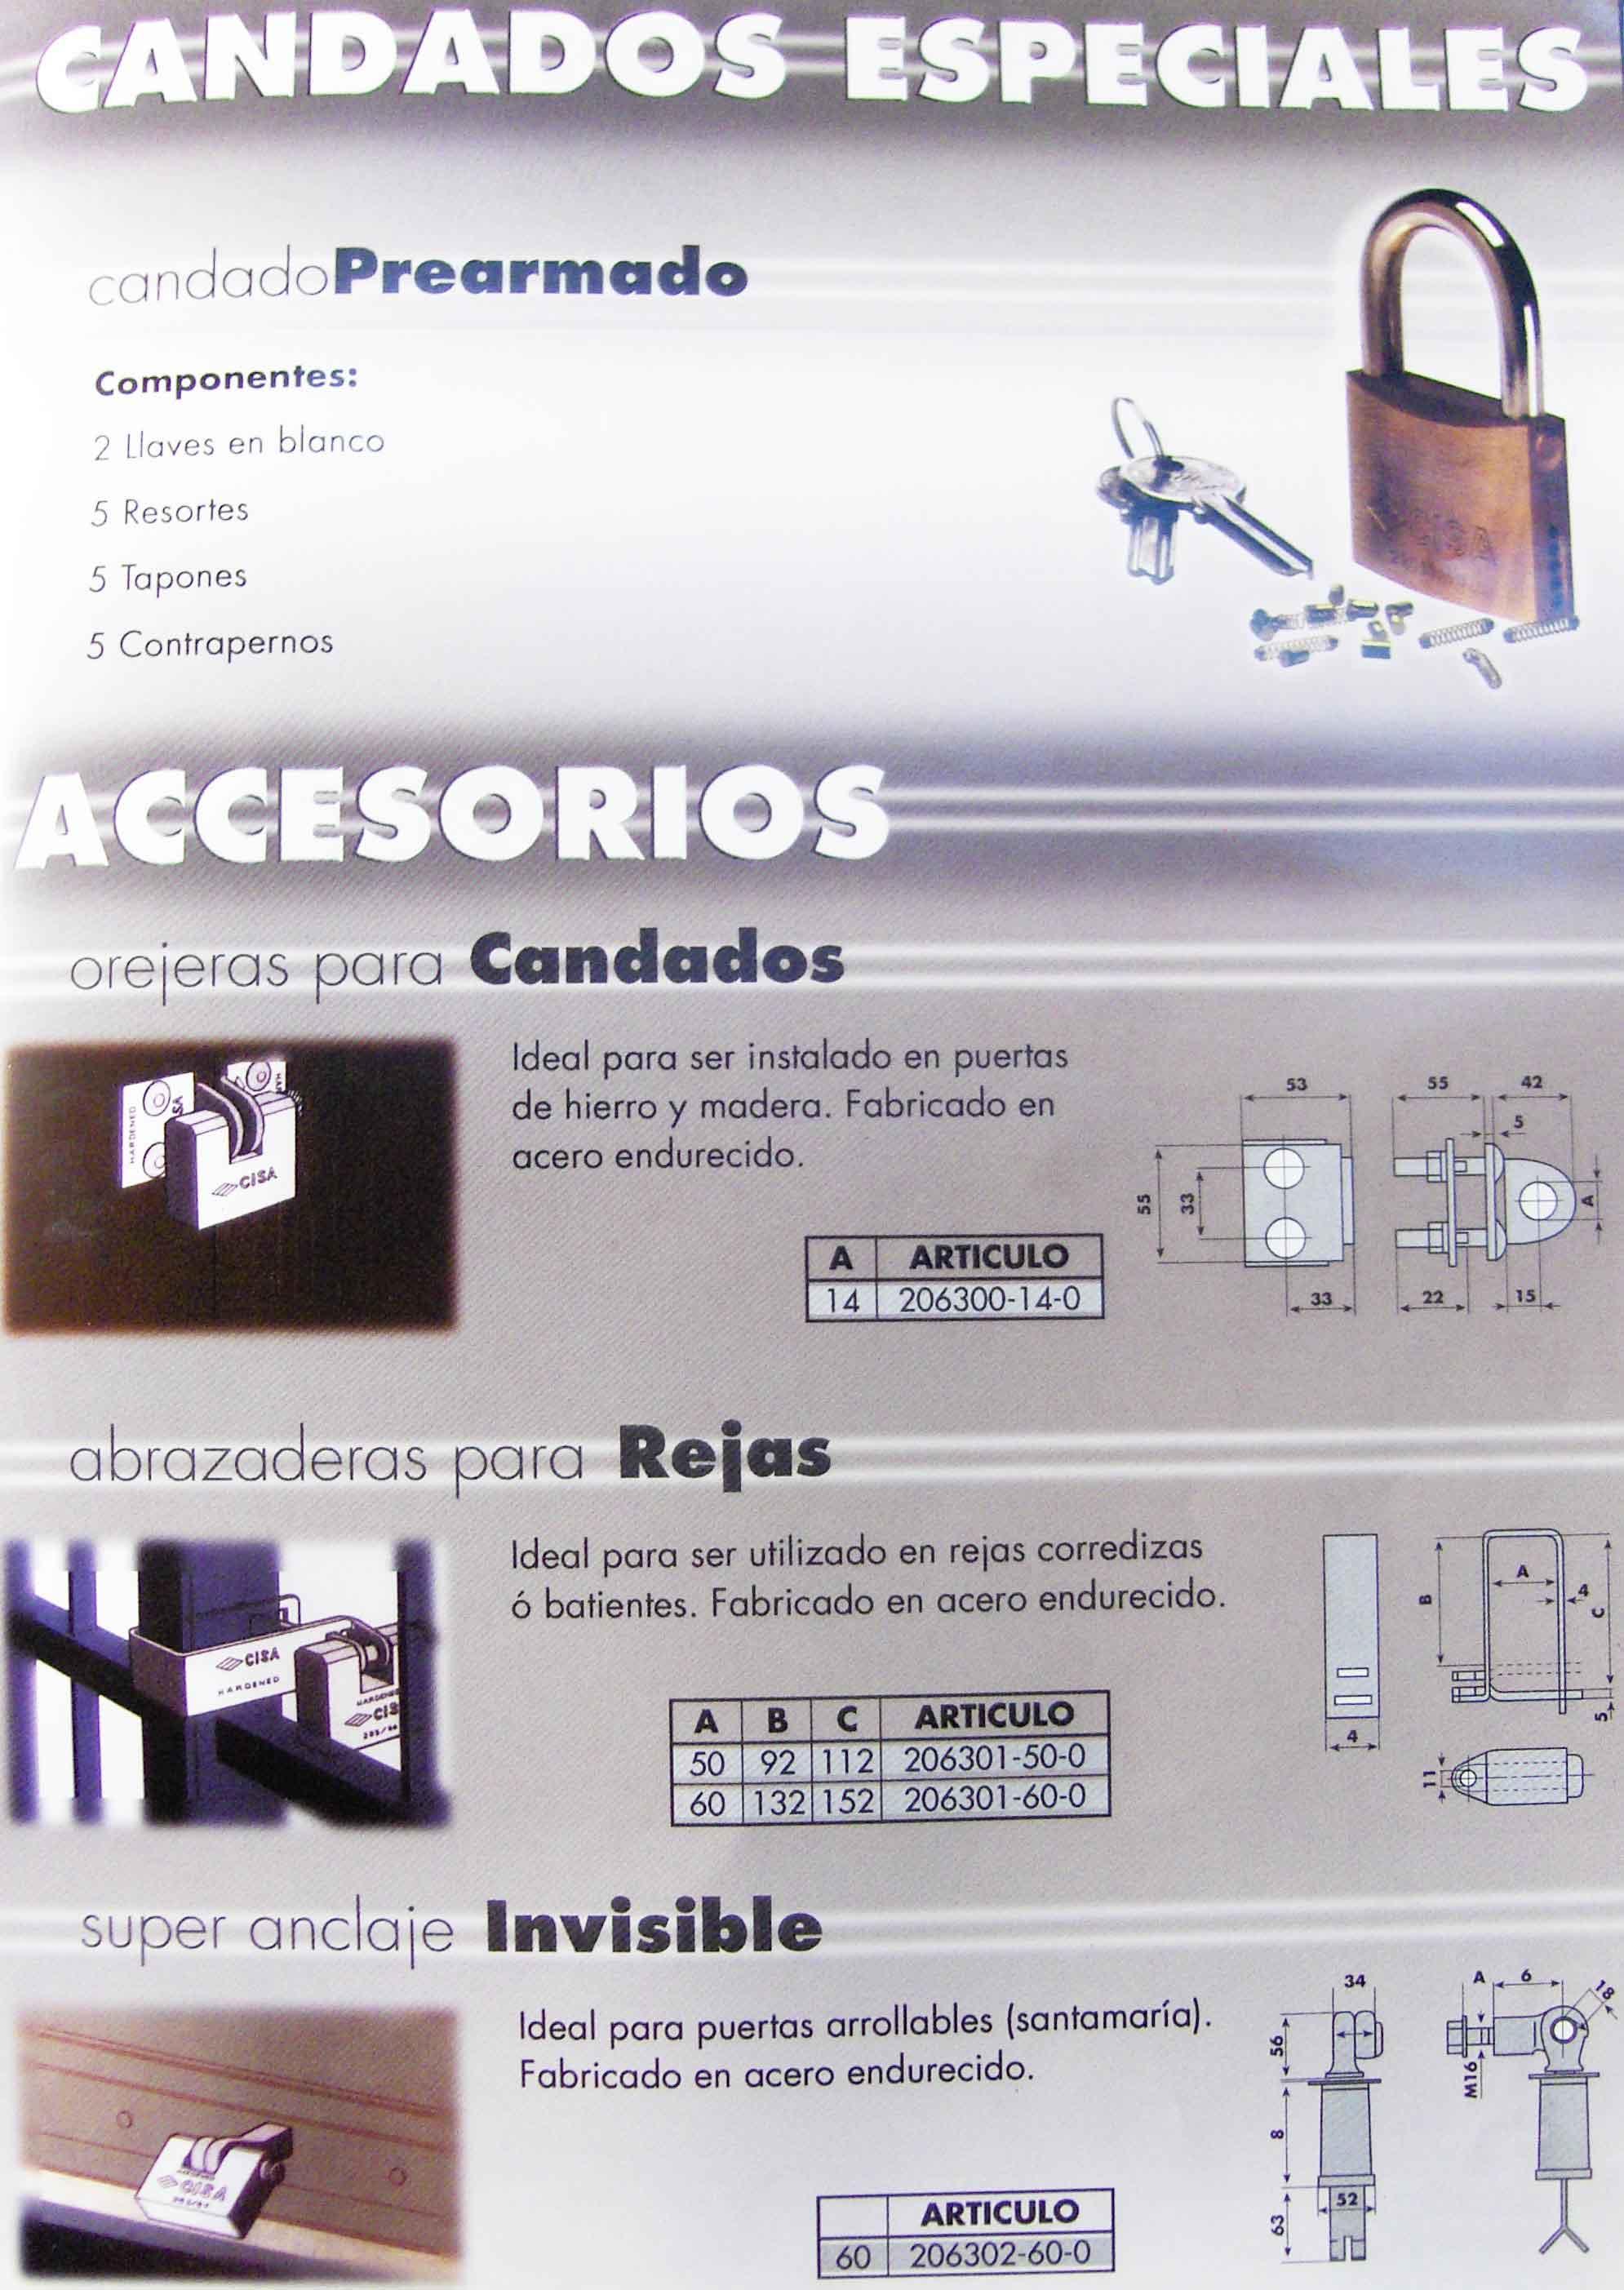 Candados cisa especiales y accesorios para candados